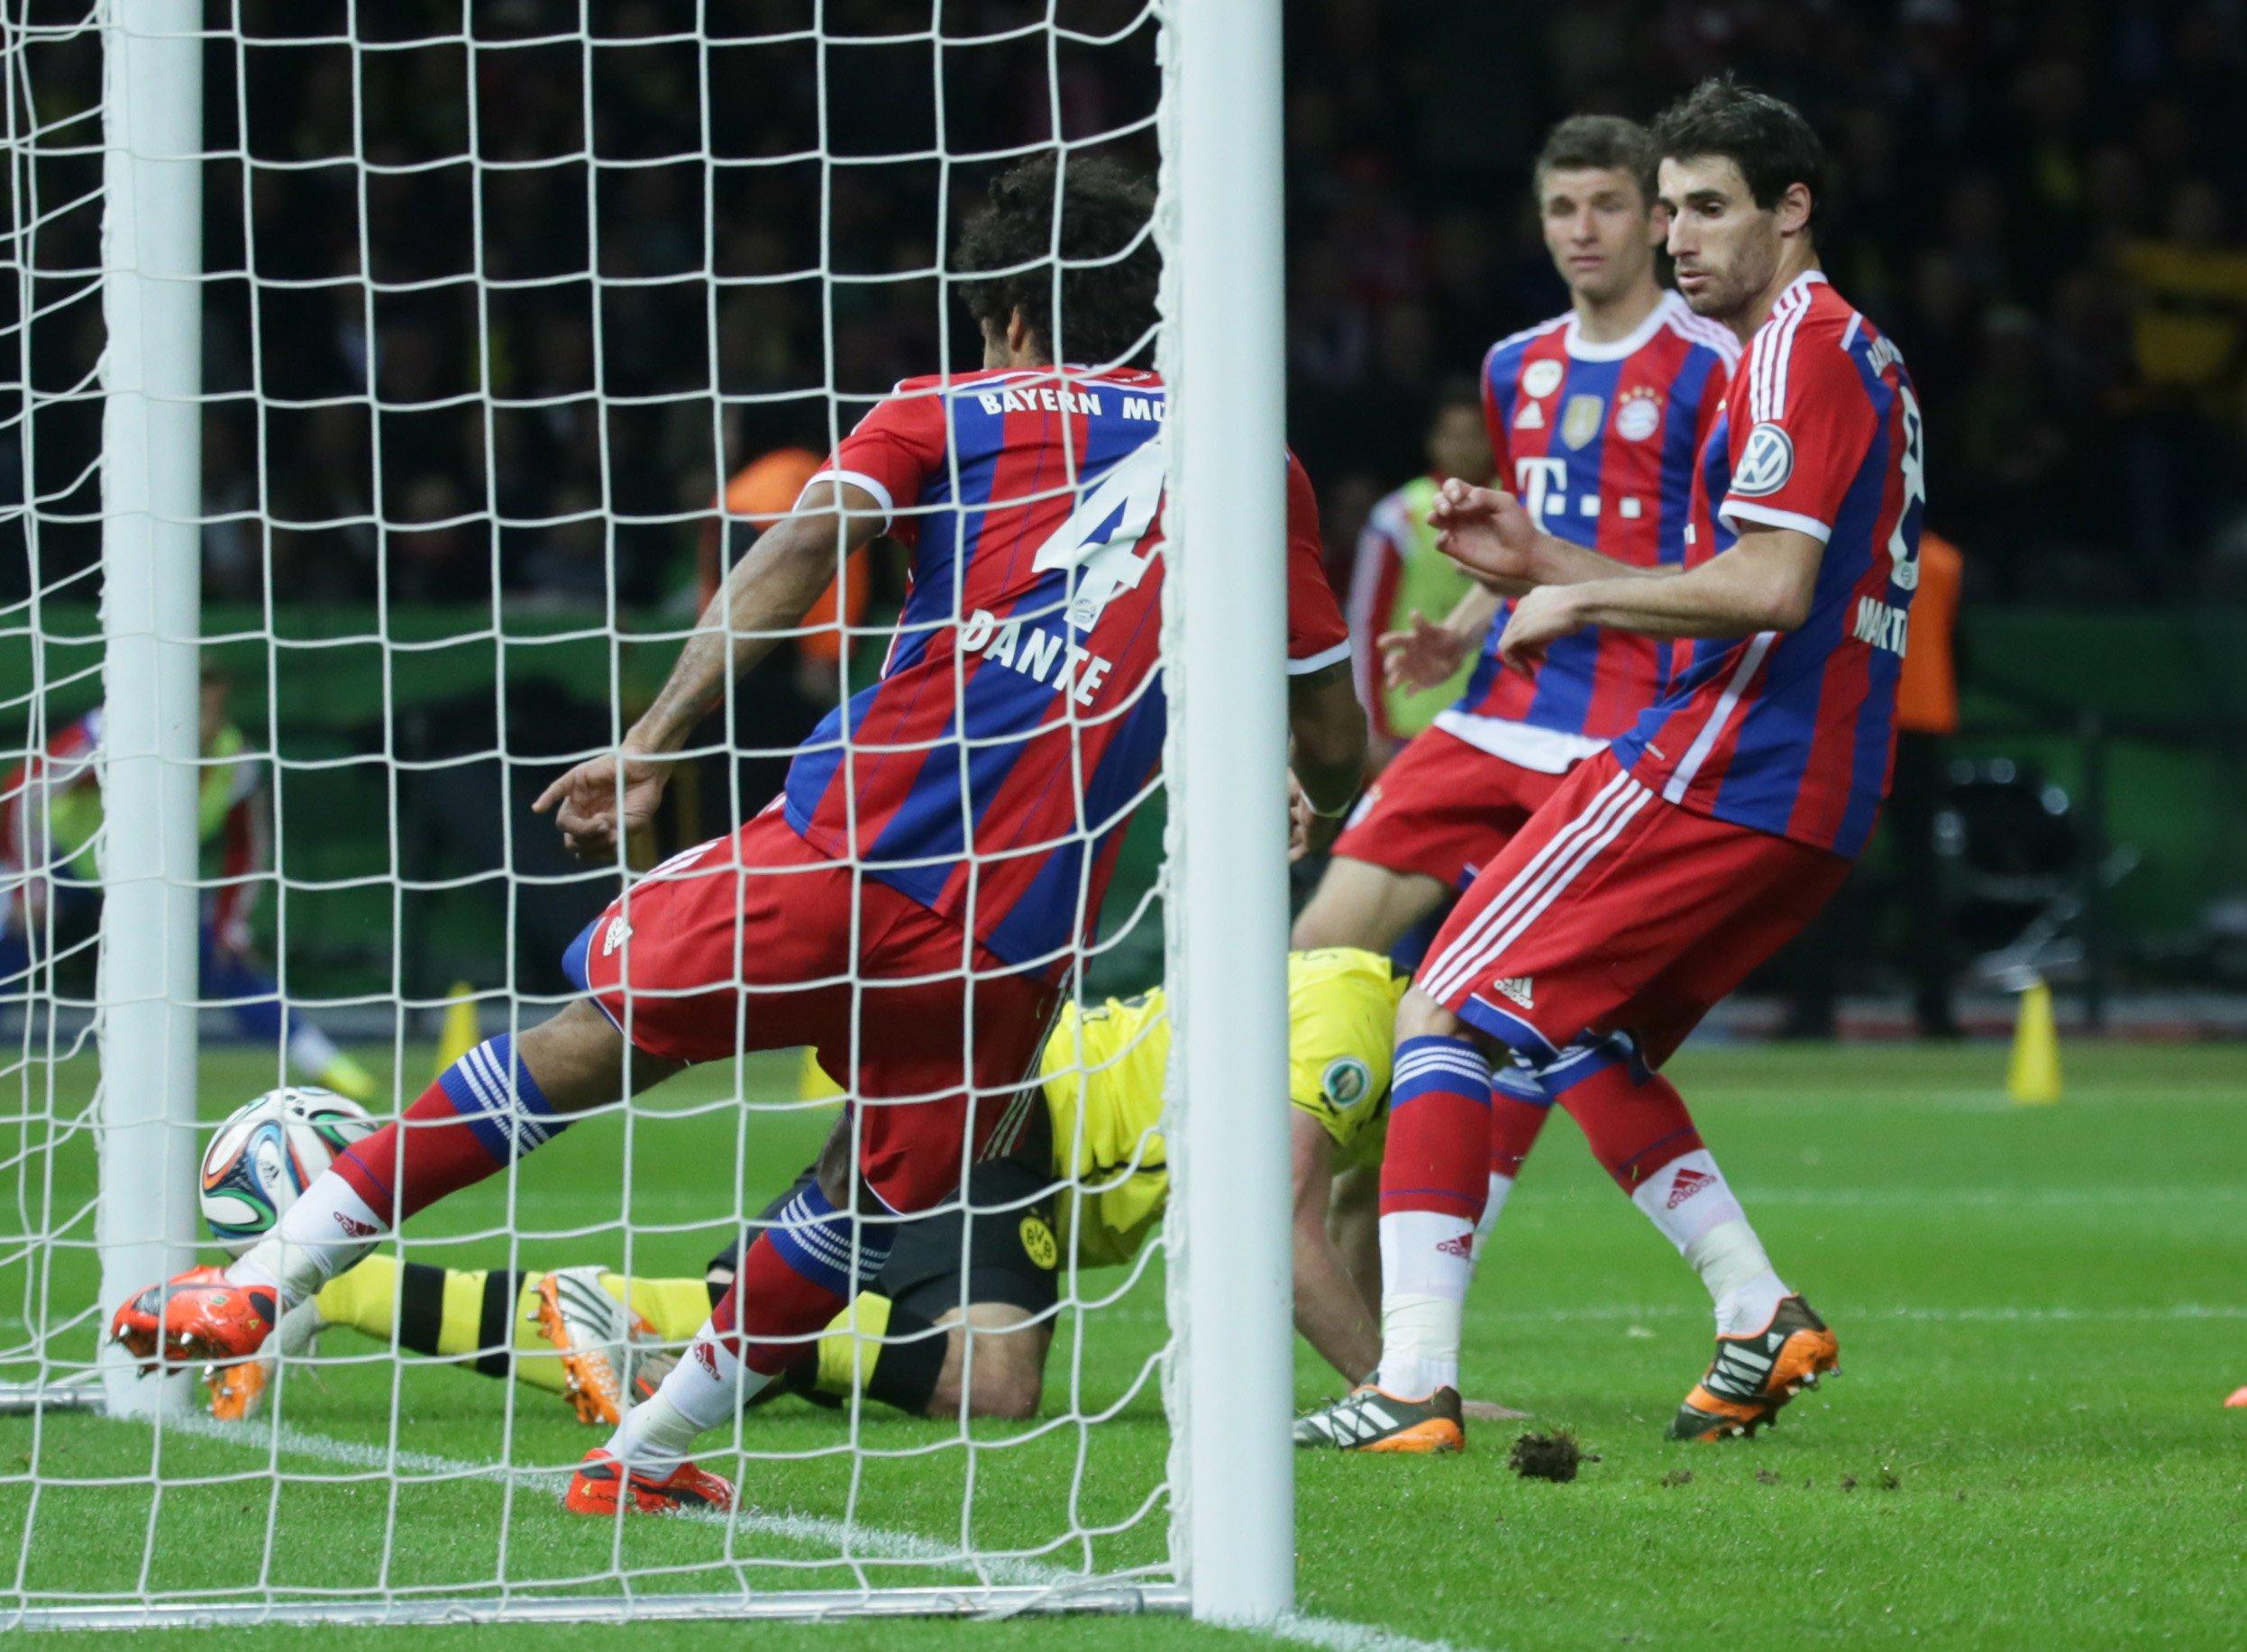 Im DFB-Pokalfinale 2014 scheint Bayern-Spieler Dante einen Kopfball des Dortmunders Mats Hummels zu klären – tatsächlich ist der Ball schon hinter der Linie. Der Schiedsrichter erkennt das nicht. Die Fehlentscheidung führte zur Entscheidung für die Torlinientechnik.